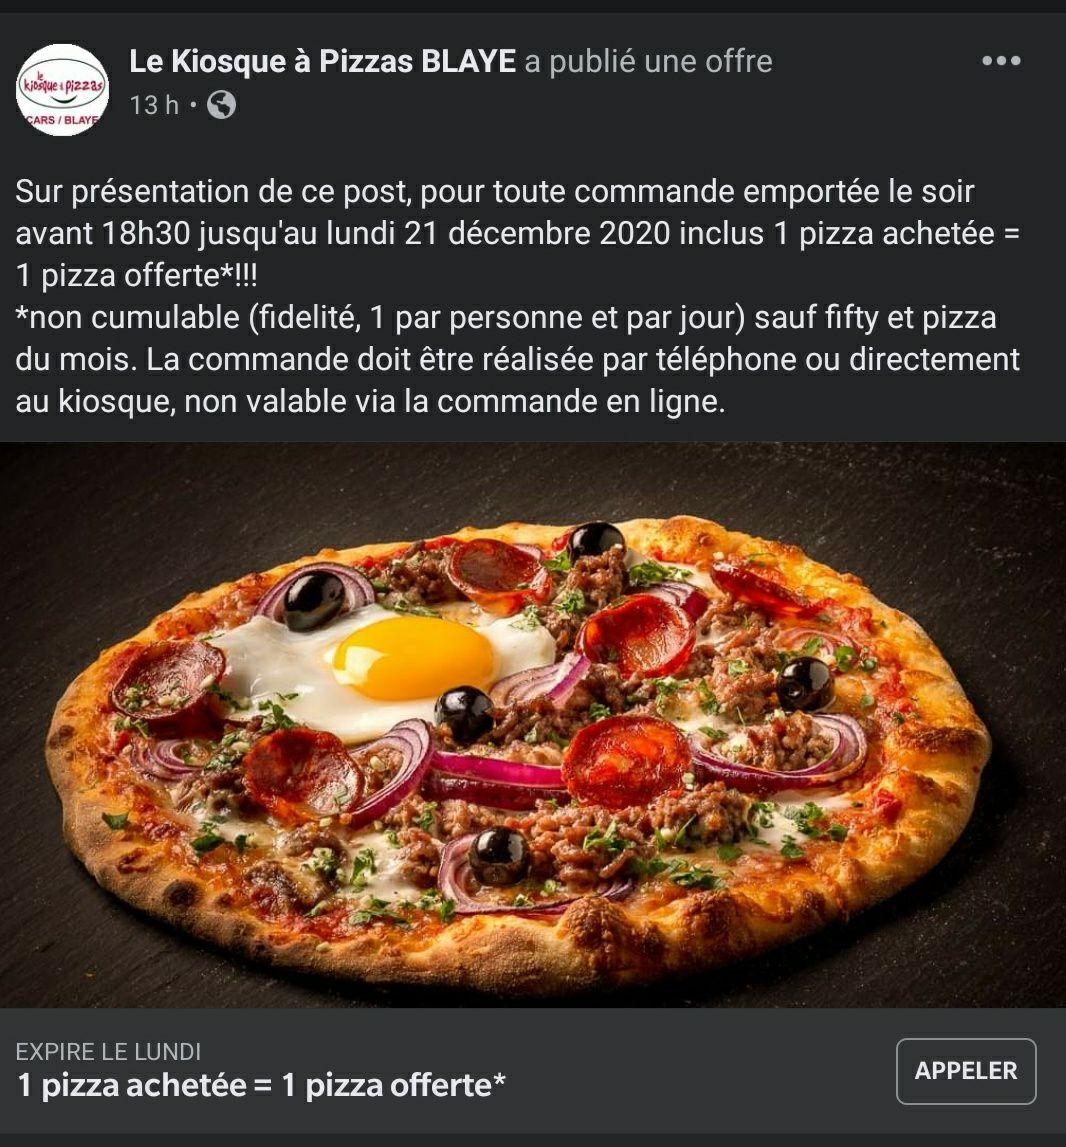 [Le soir avant 18h30] 1 pizza achetée = 1 pizza offerte - Le kiosque à Pizza Blaye (33)